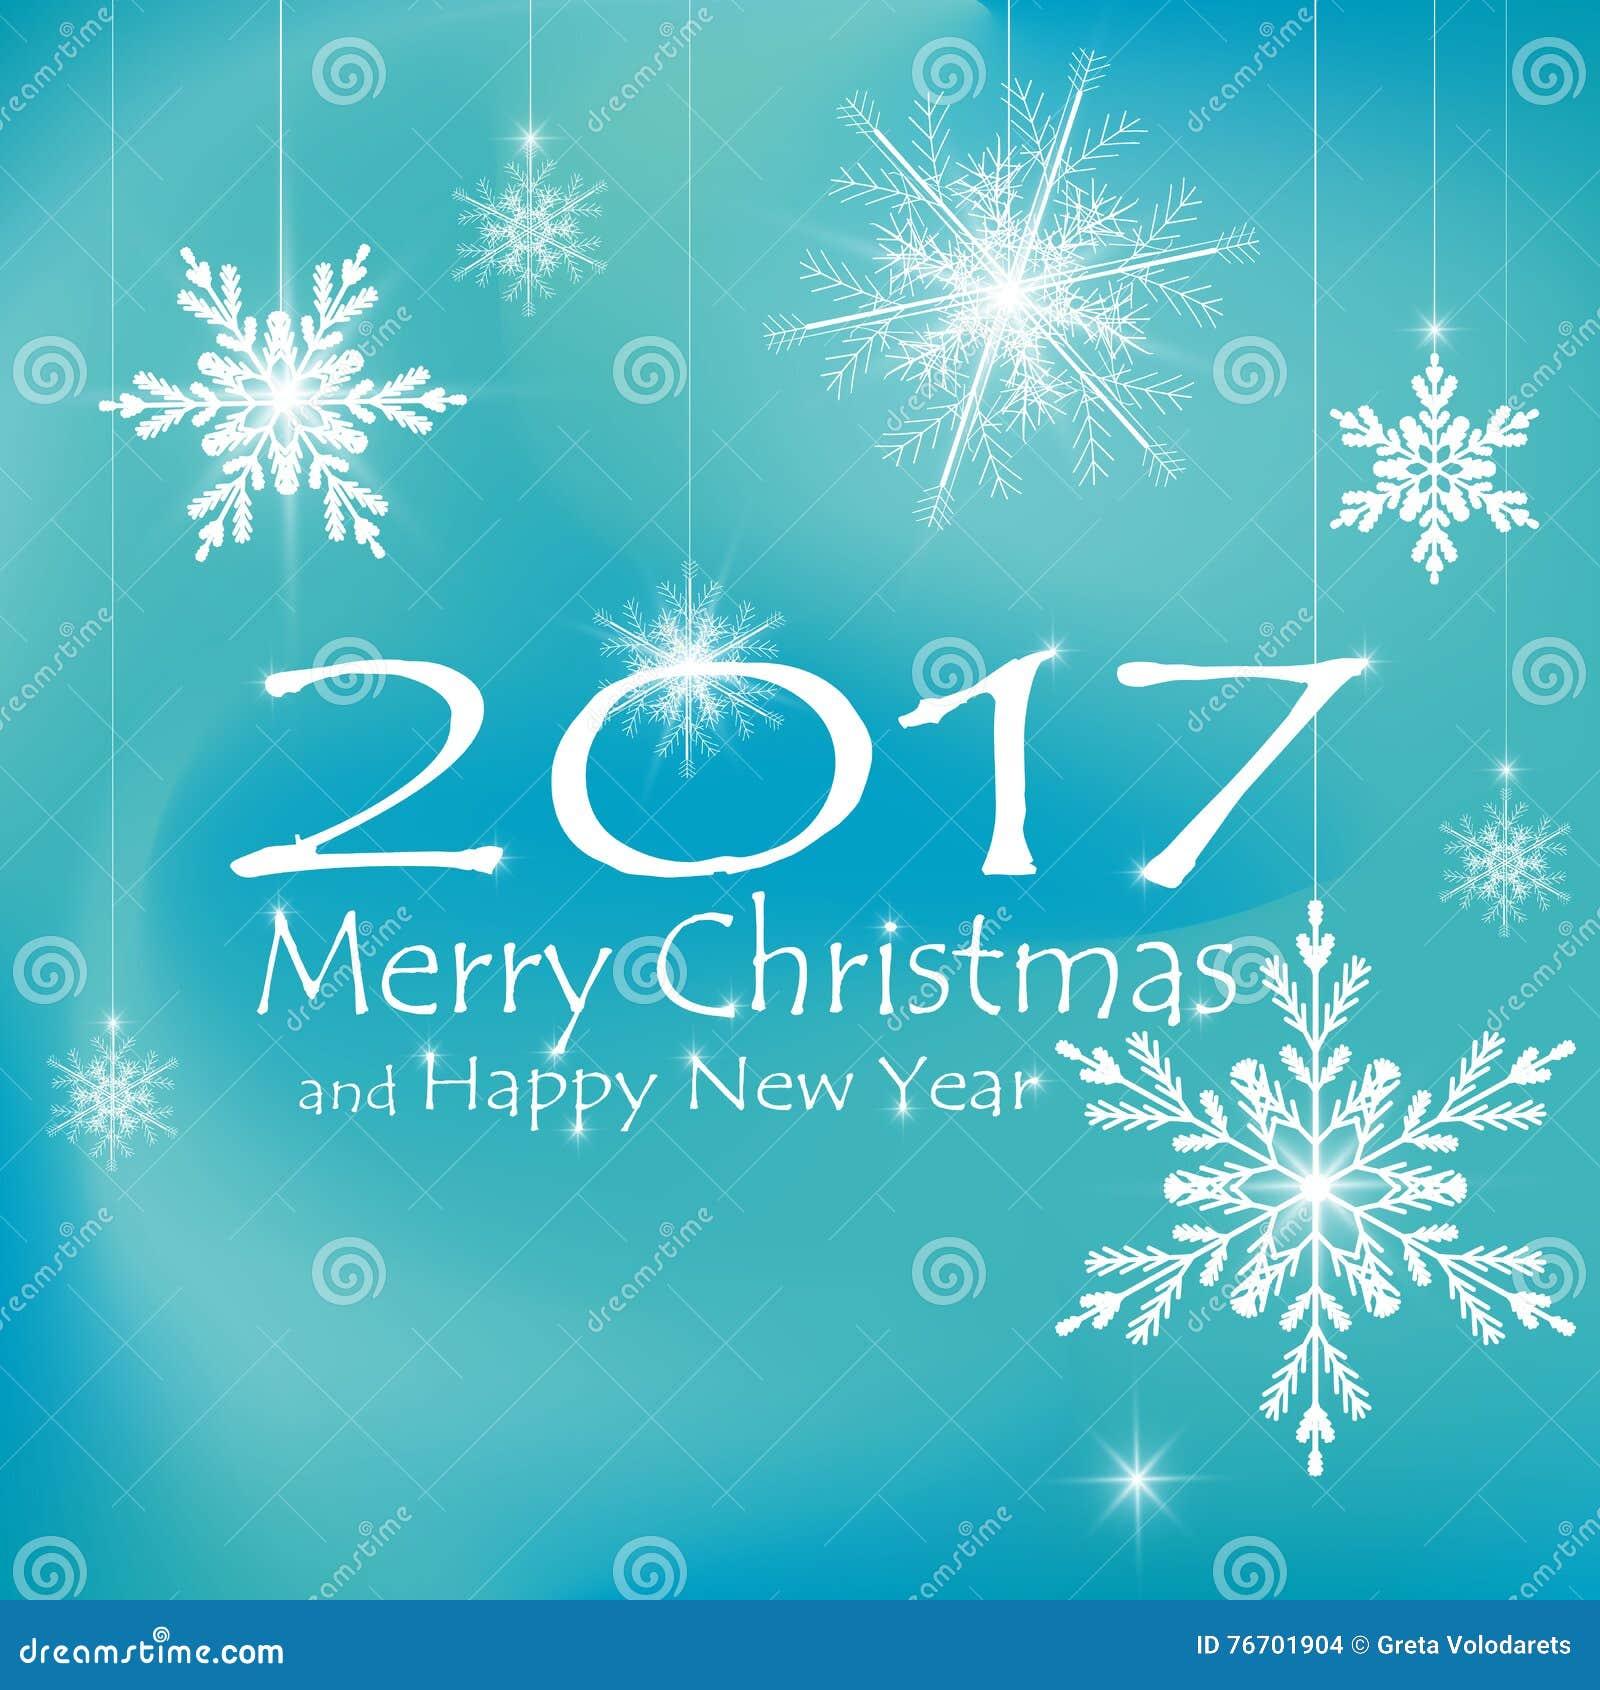 Glad jul och kortgarneringar för lyckligt nytt år blåa bakgrunder